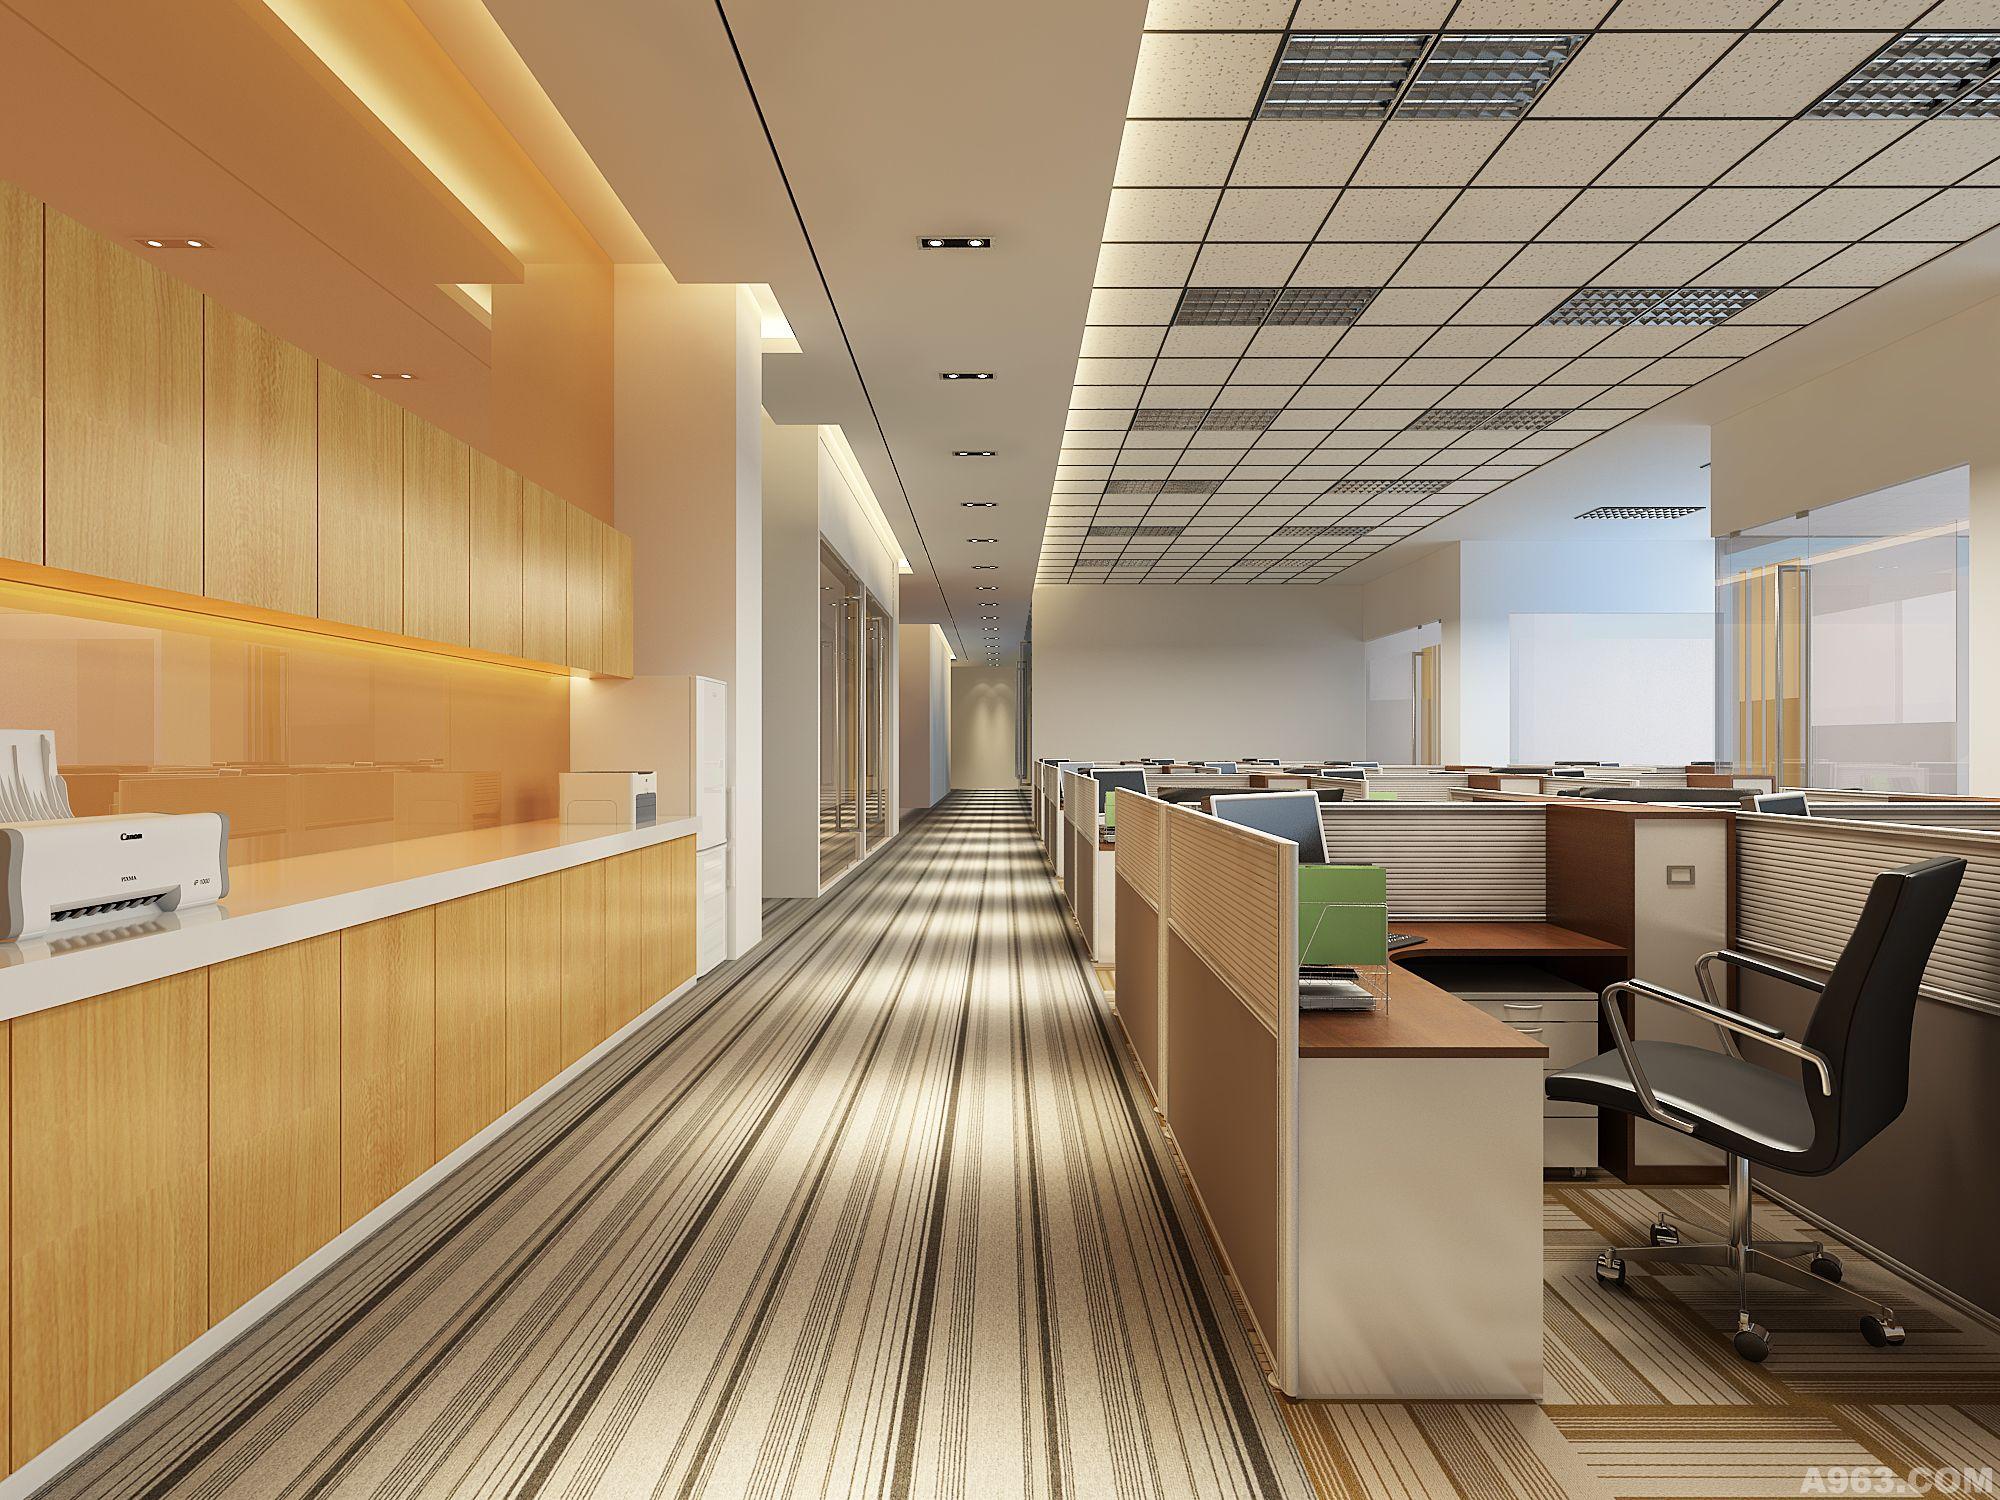 大气,上档次   2,面积:3000平米 3,功能:办公 4,材质:石材,地毯,壁纸图片